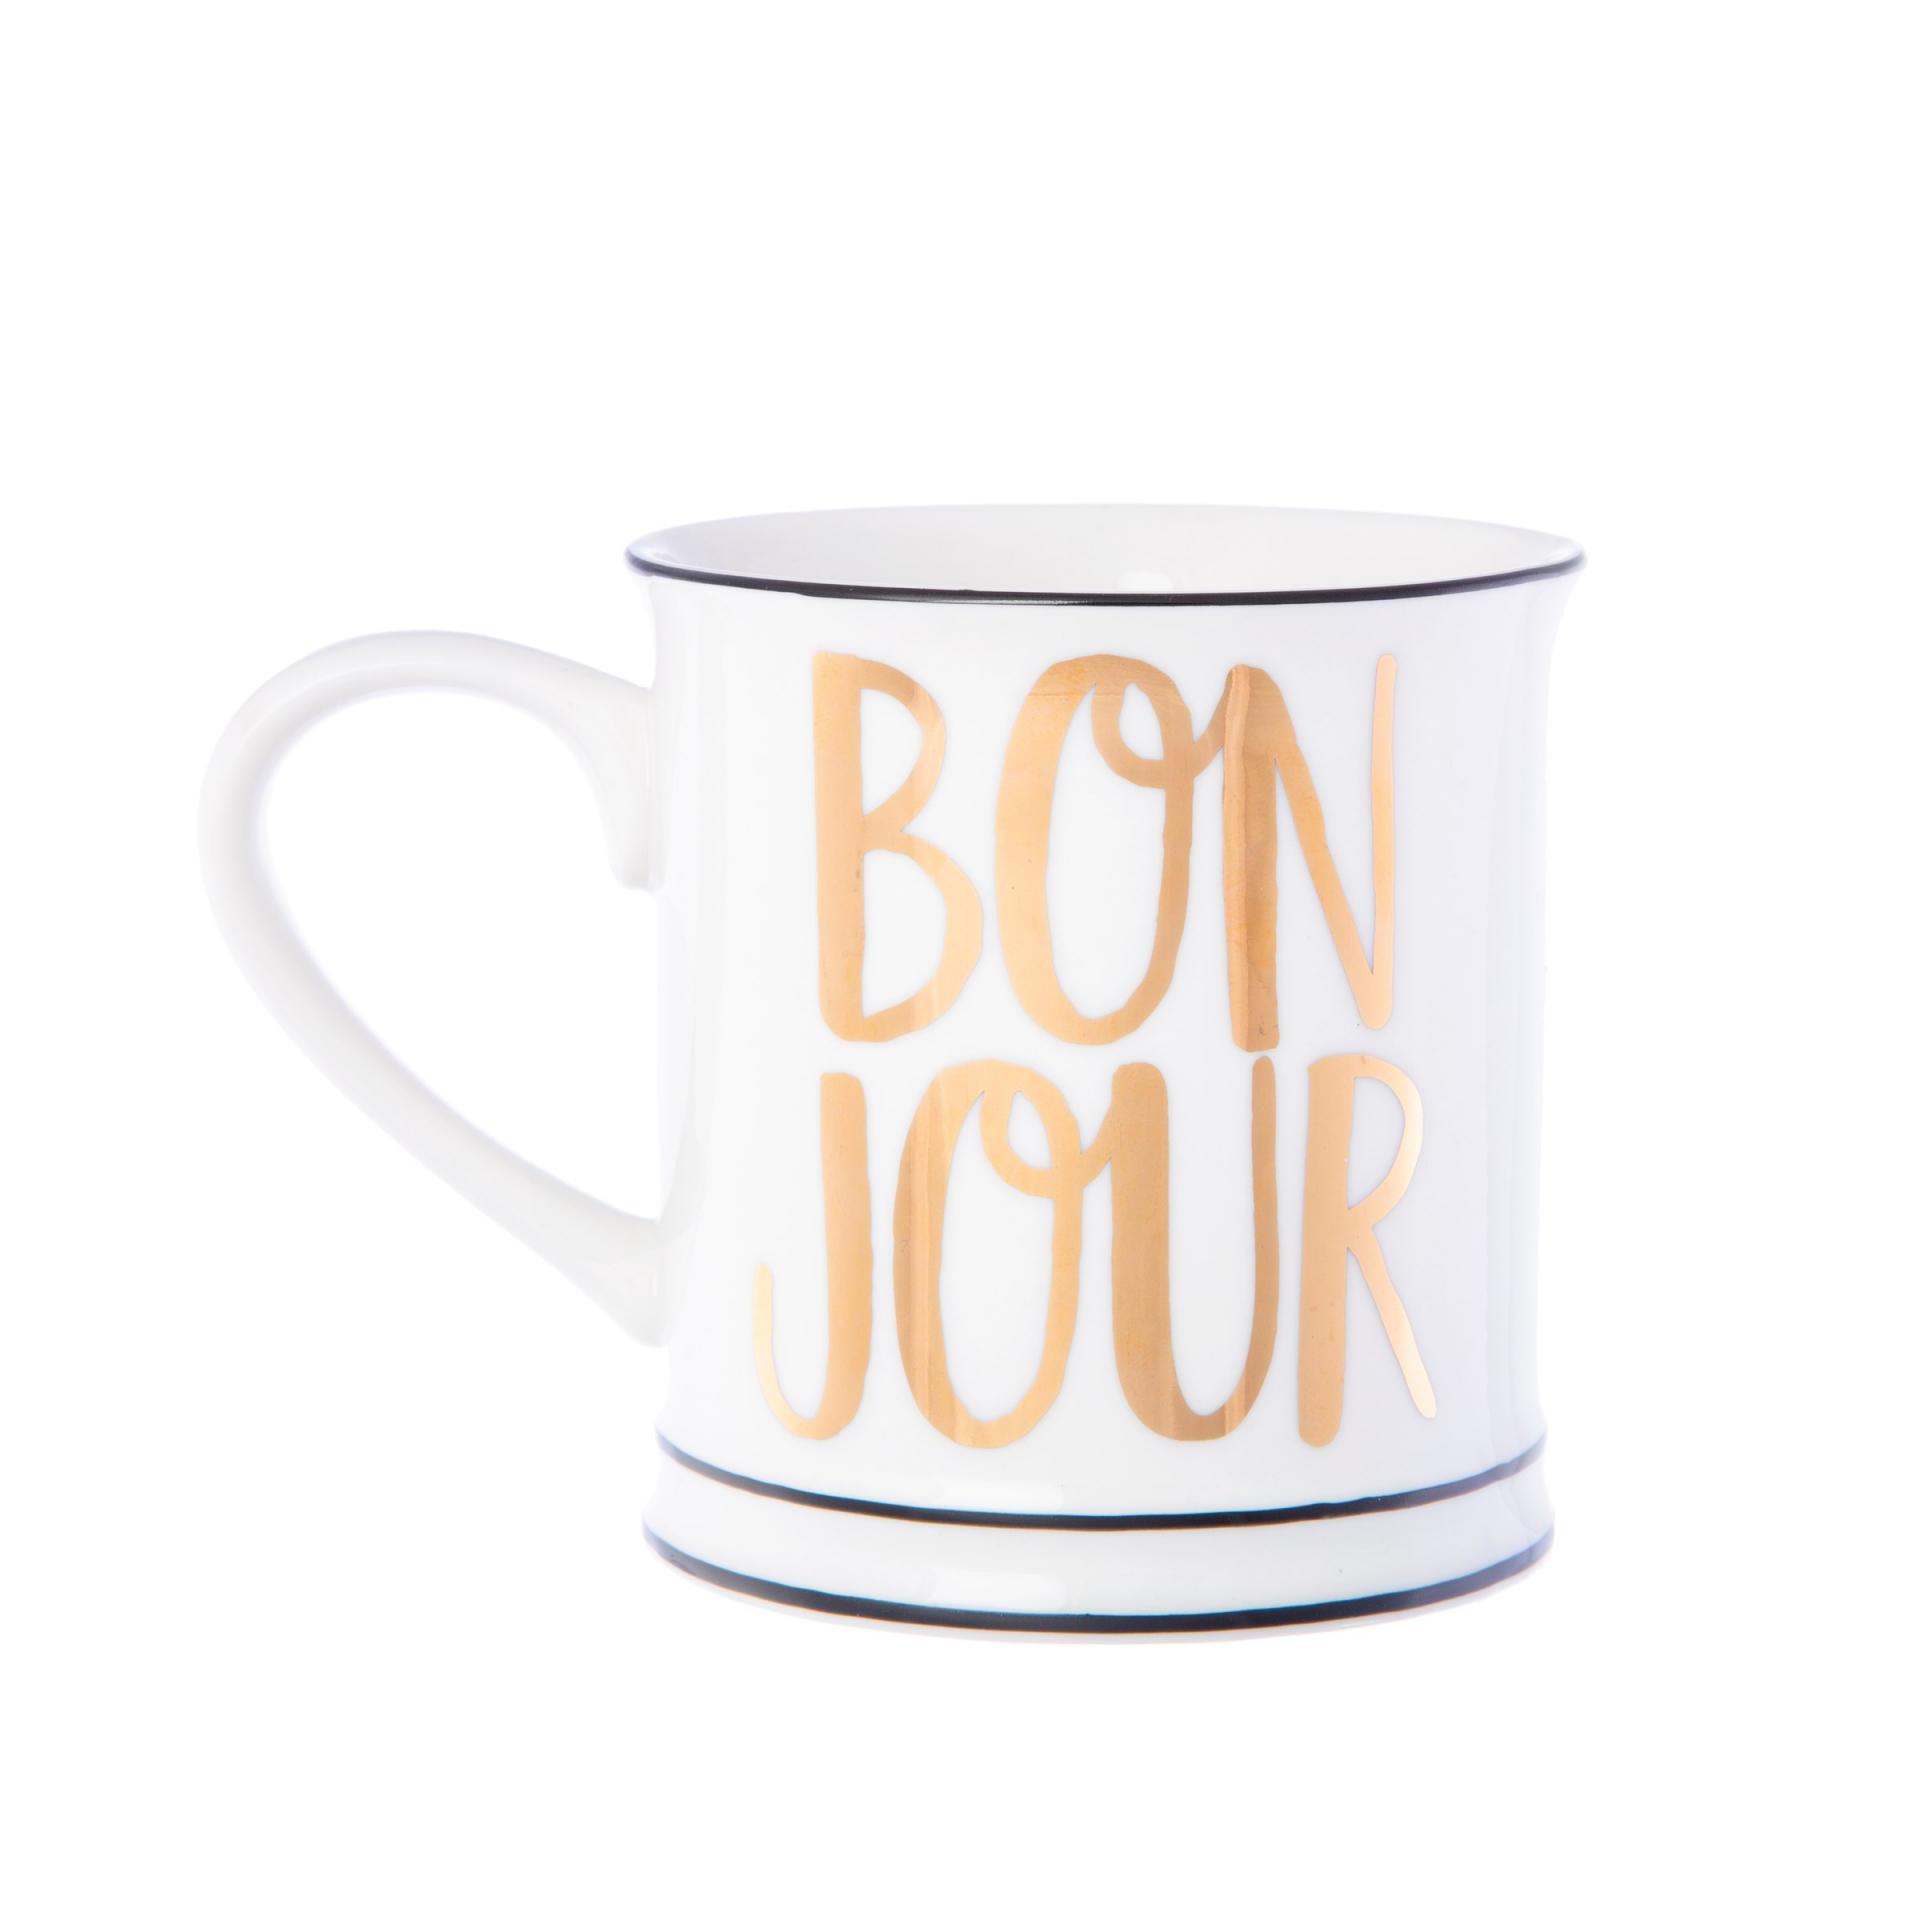 sass & belle Porcelánový hrnek Bon Jour, bílá barva, zlatá barva, porcelán